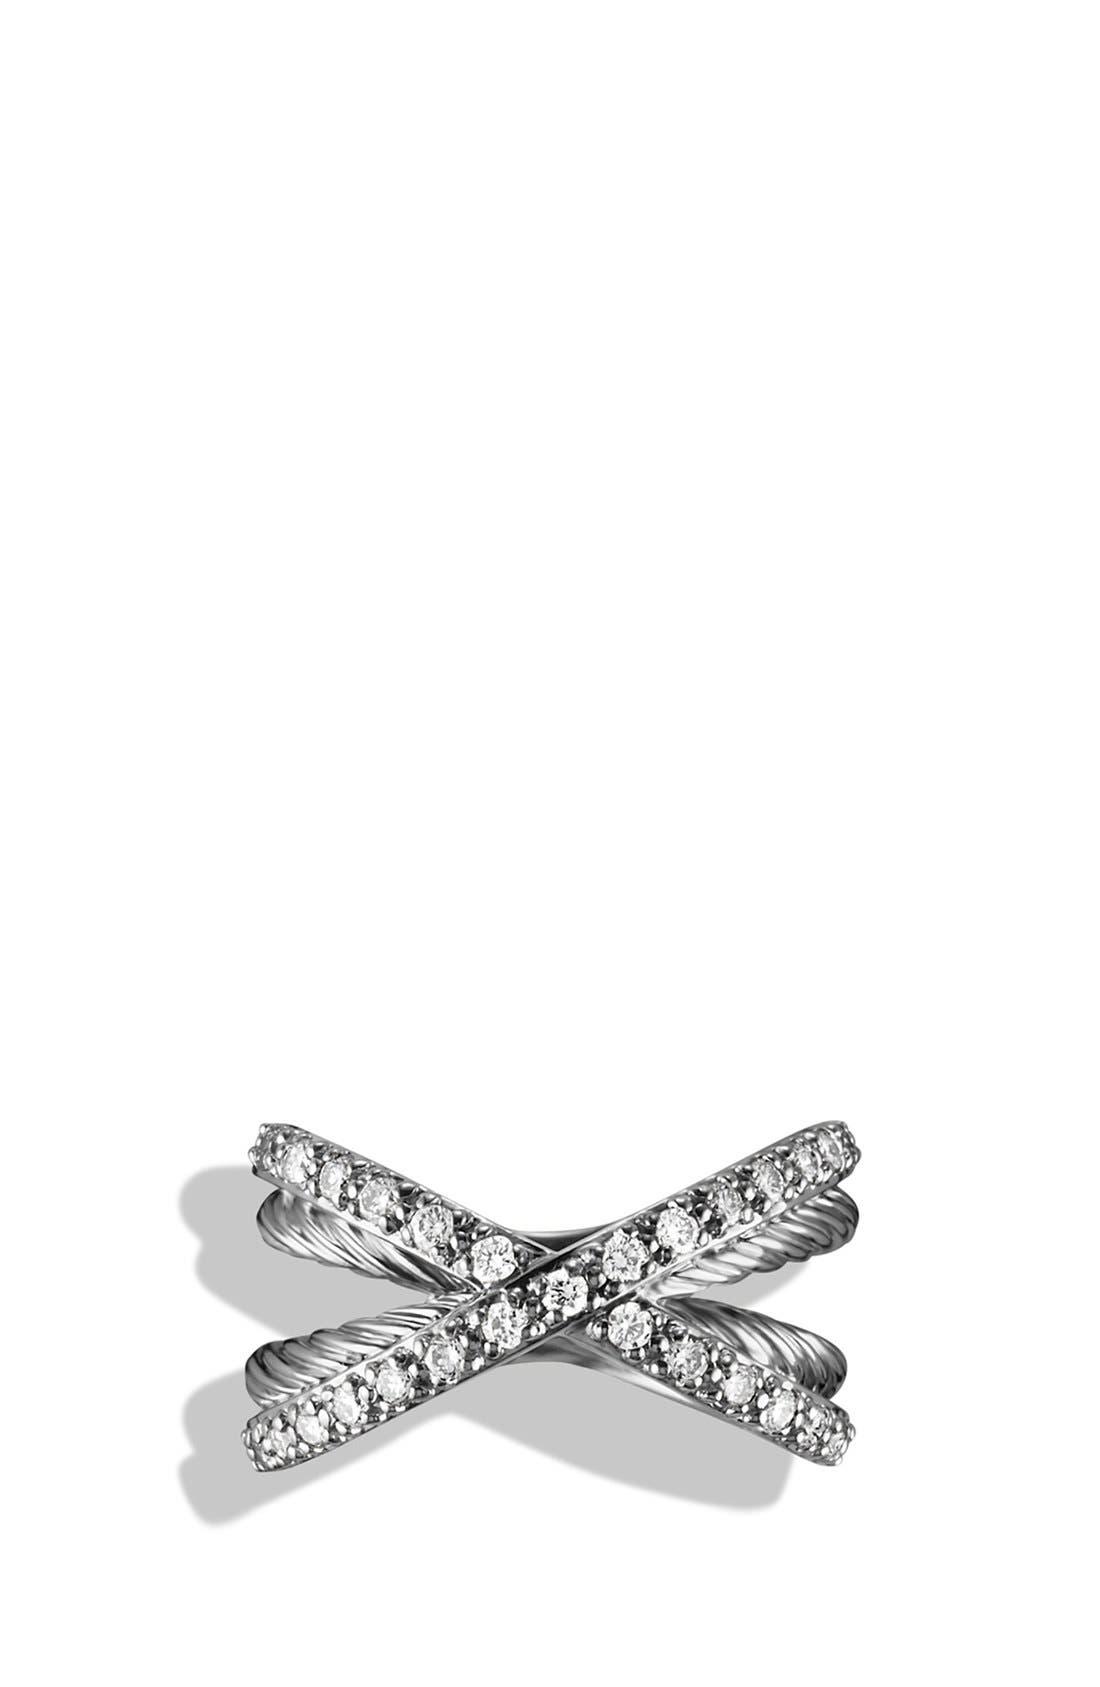 Alternate Image 3  - David Yurman 'Crossover' Pavé Diamond Ring